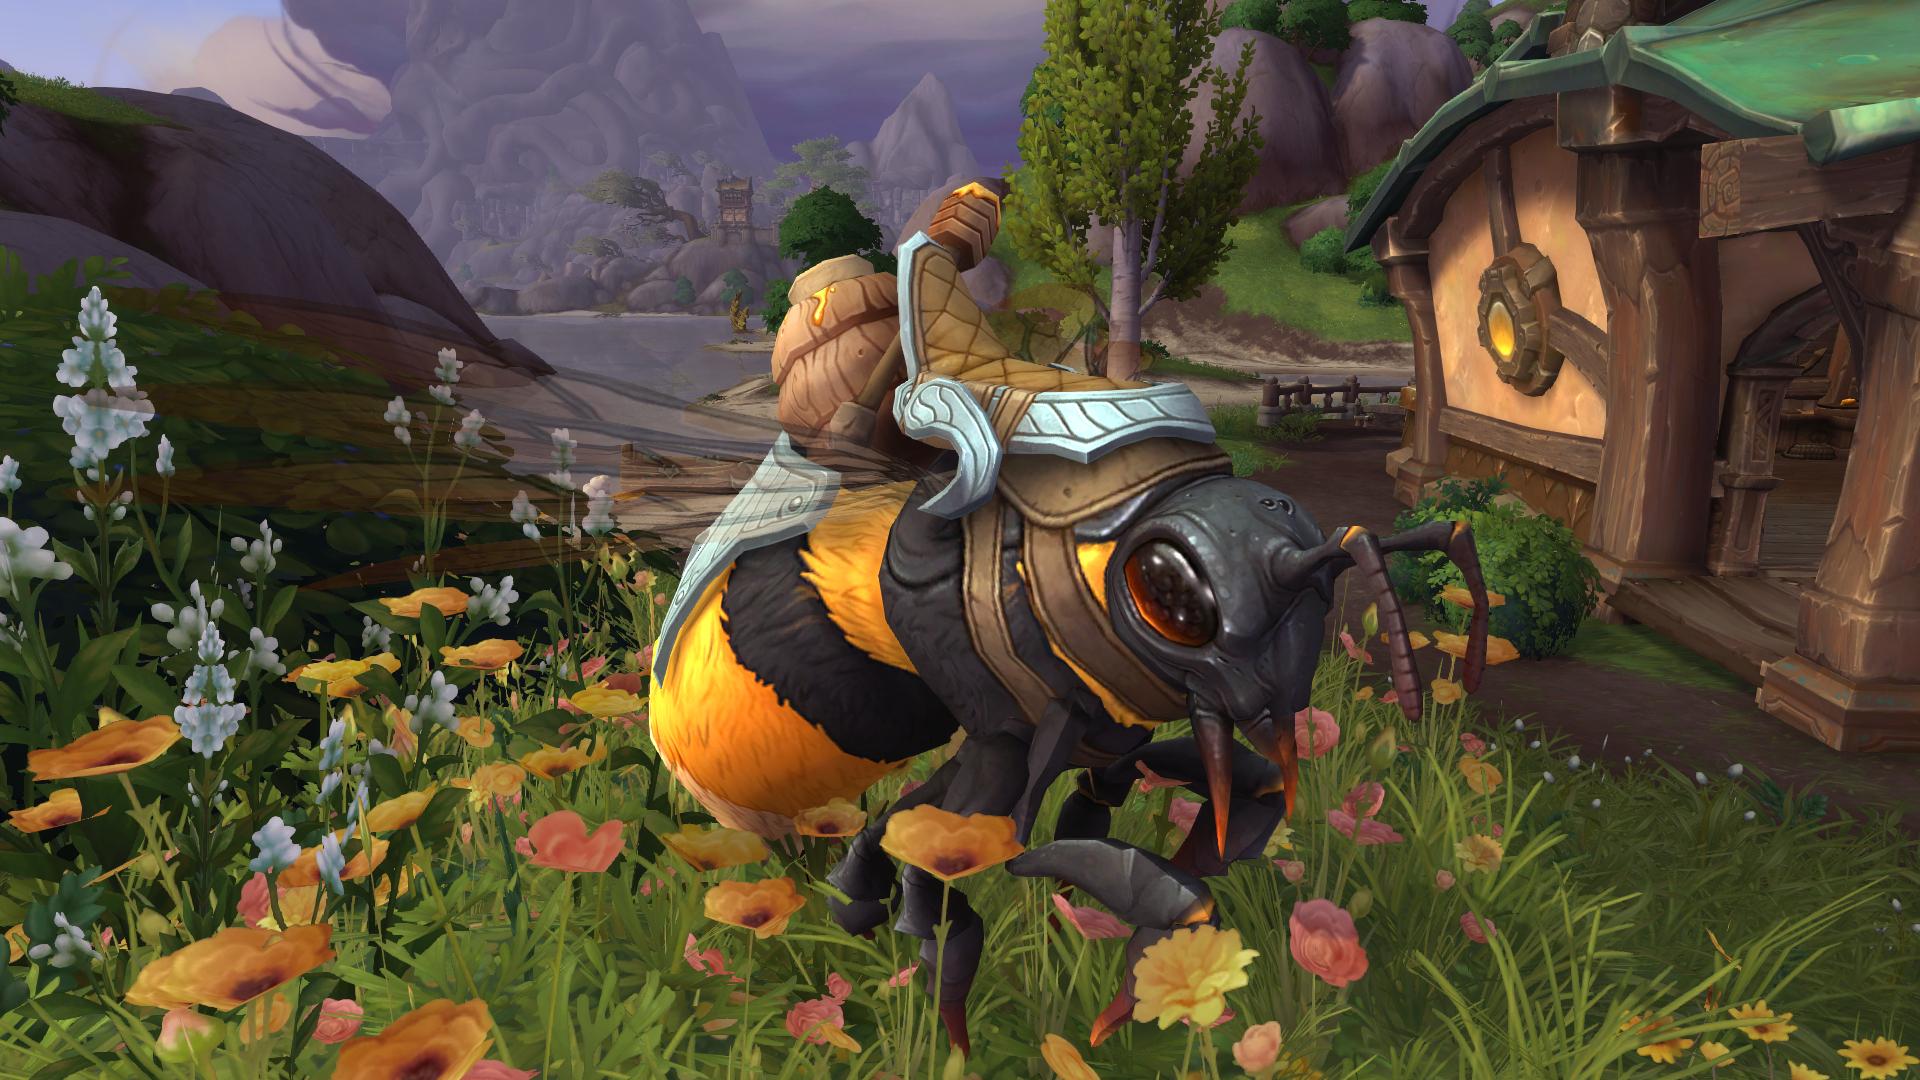 La monture Butineuse dos-de-miel, semblable à celle du Maître de vol à la Vallée Chantorage, peut être débloquée